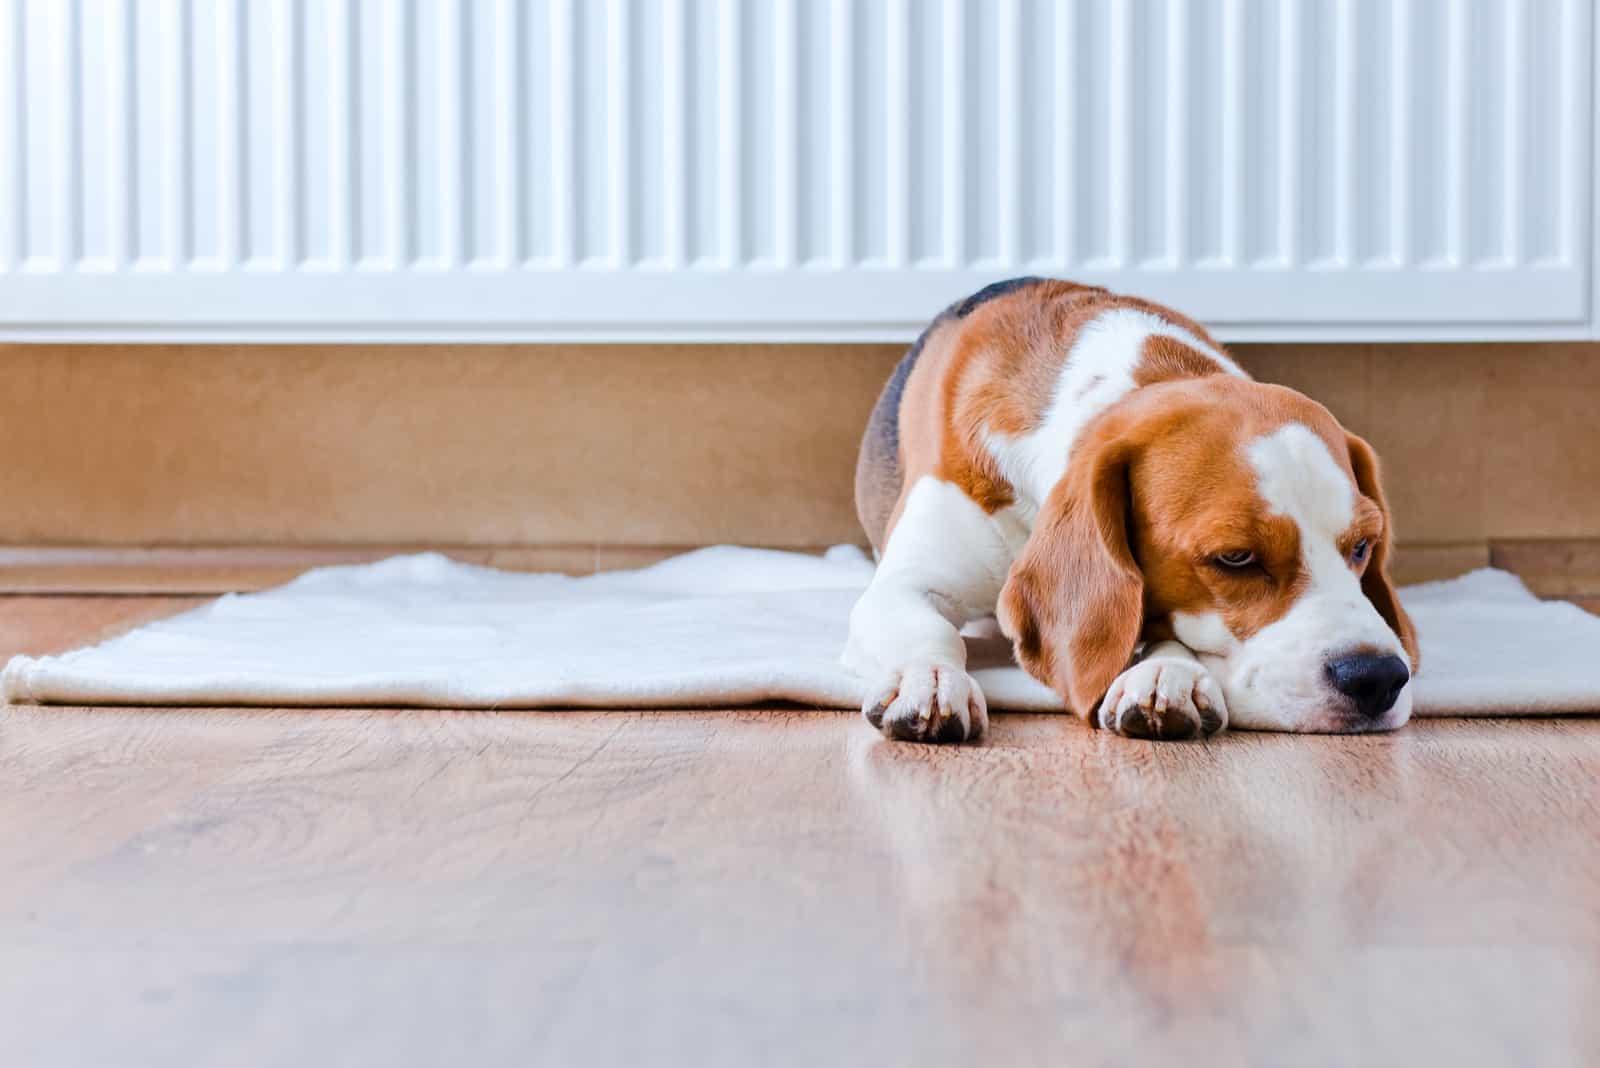 Der Beagle-Hund ruht im Haus auf dem Boden